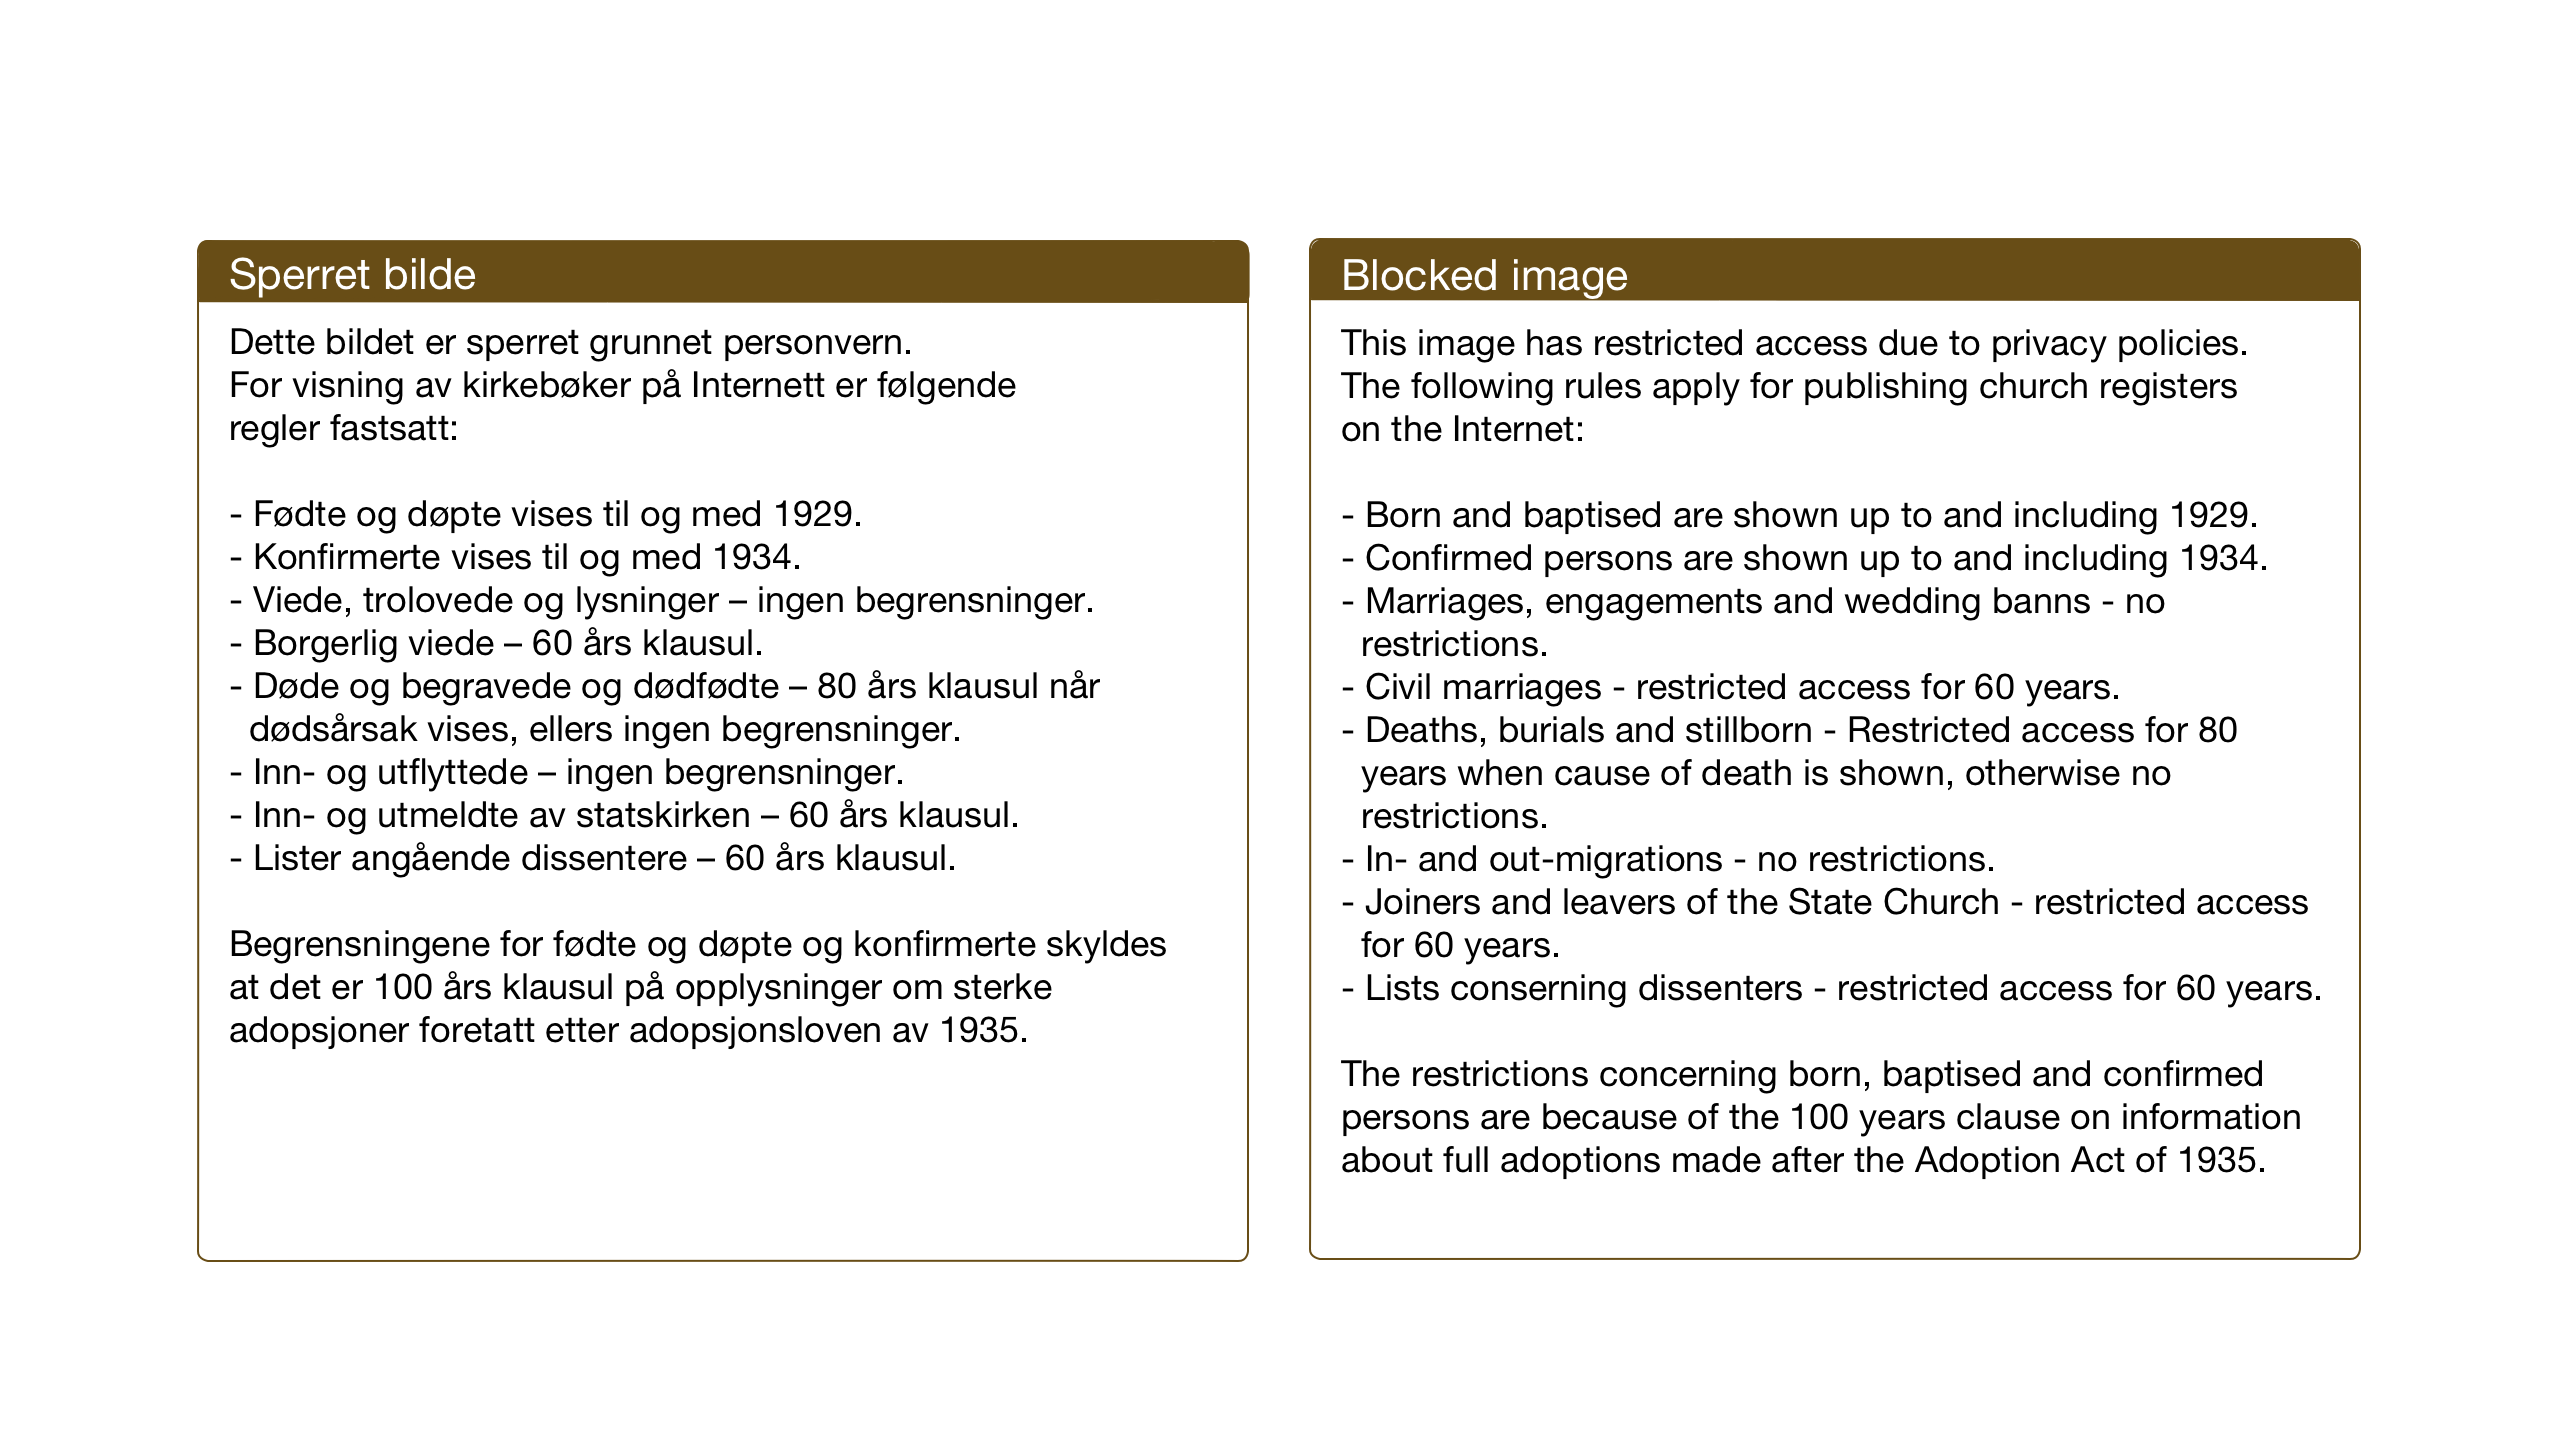 SAT, Ministerialprotokoller, klokkerbøker og fødselsregistre - Nord-Trøndelag, 714/L0136: Klokkerbok nr. 714C05, 1918-1957, s. 245